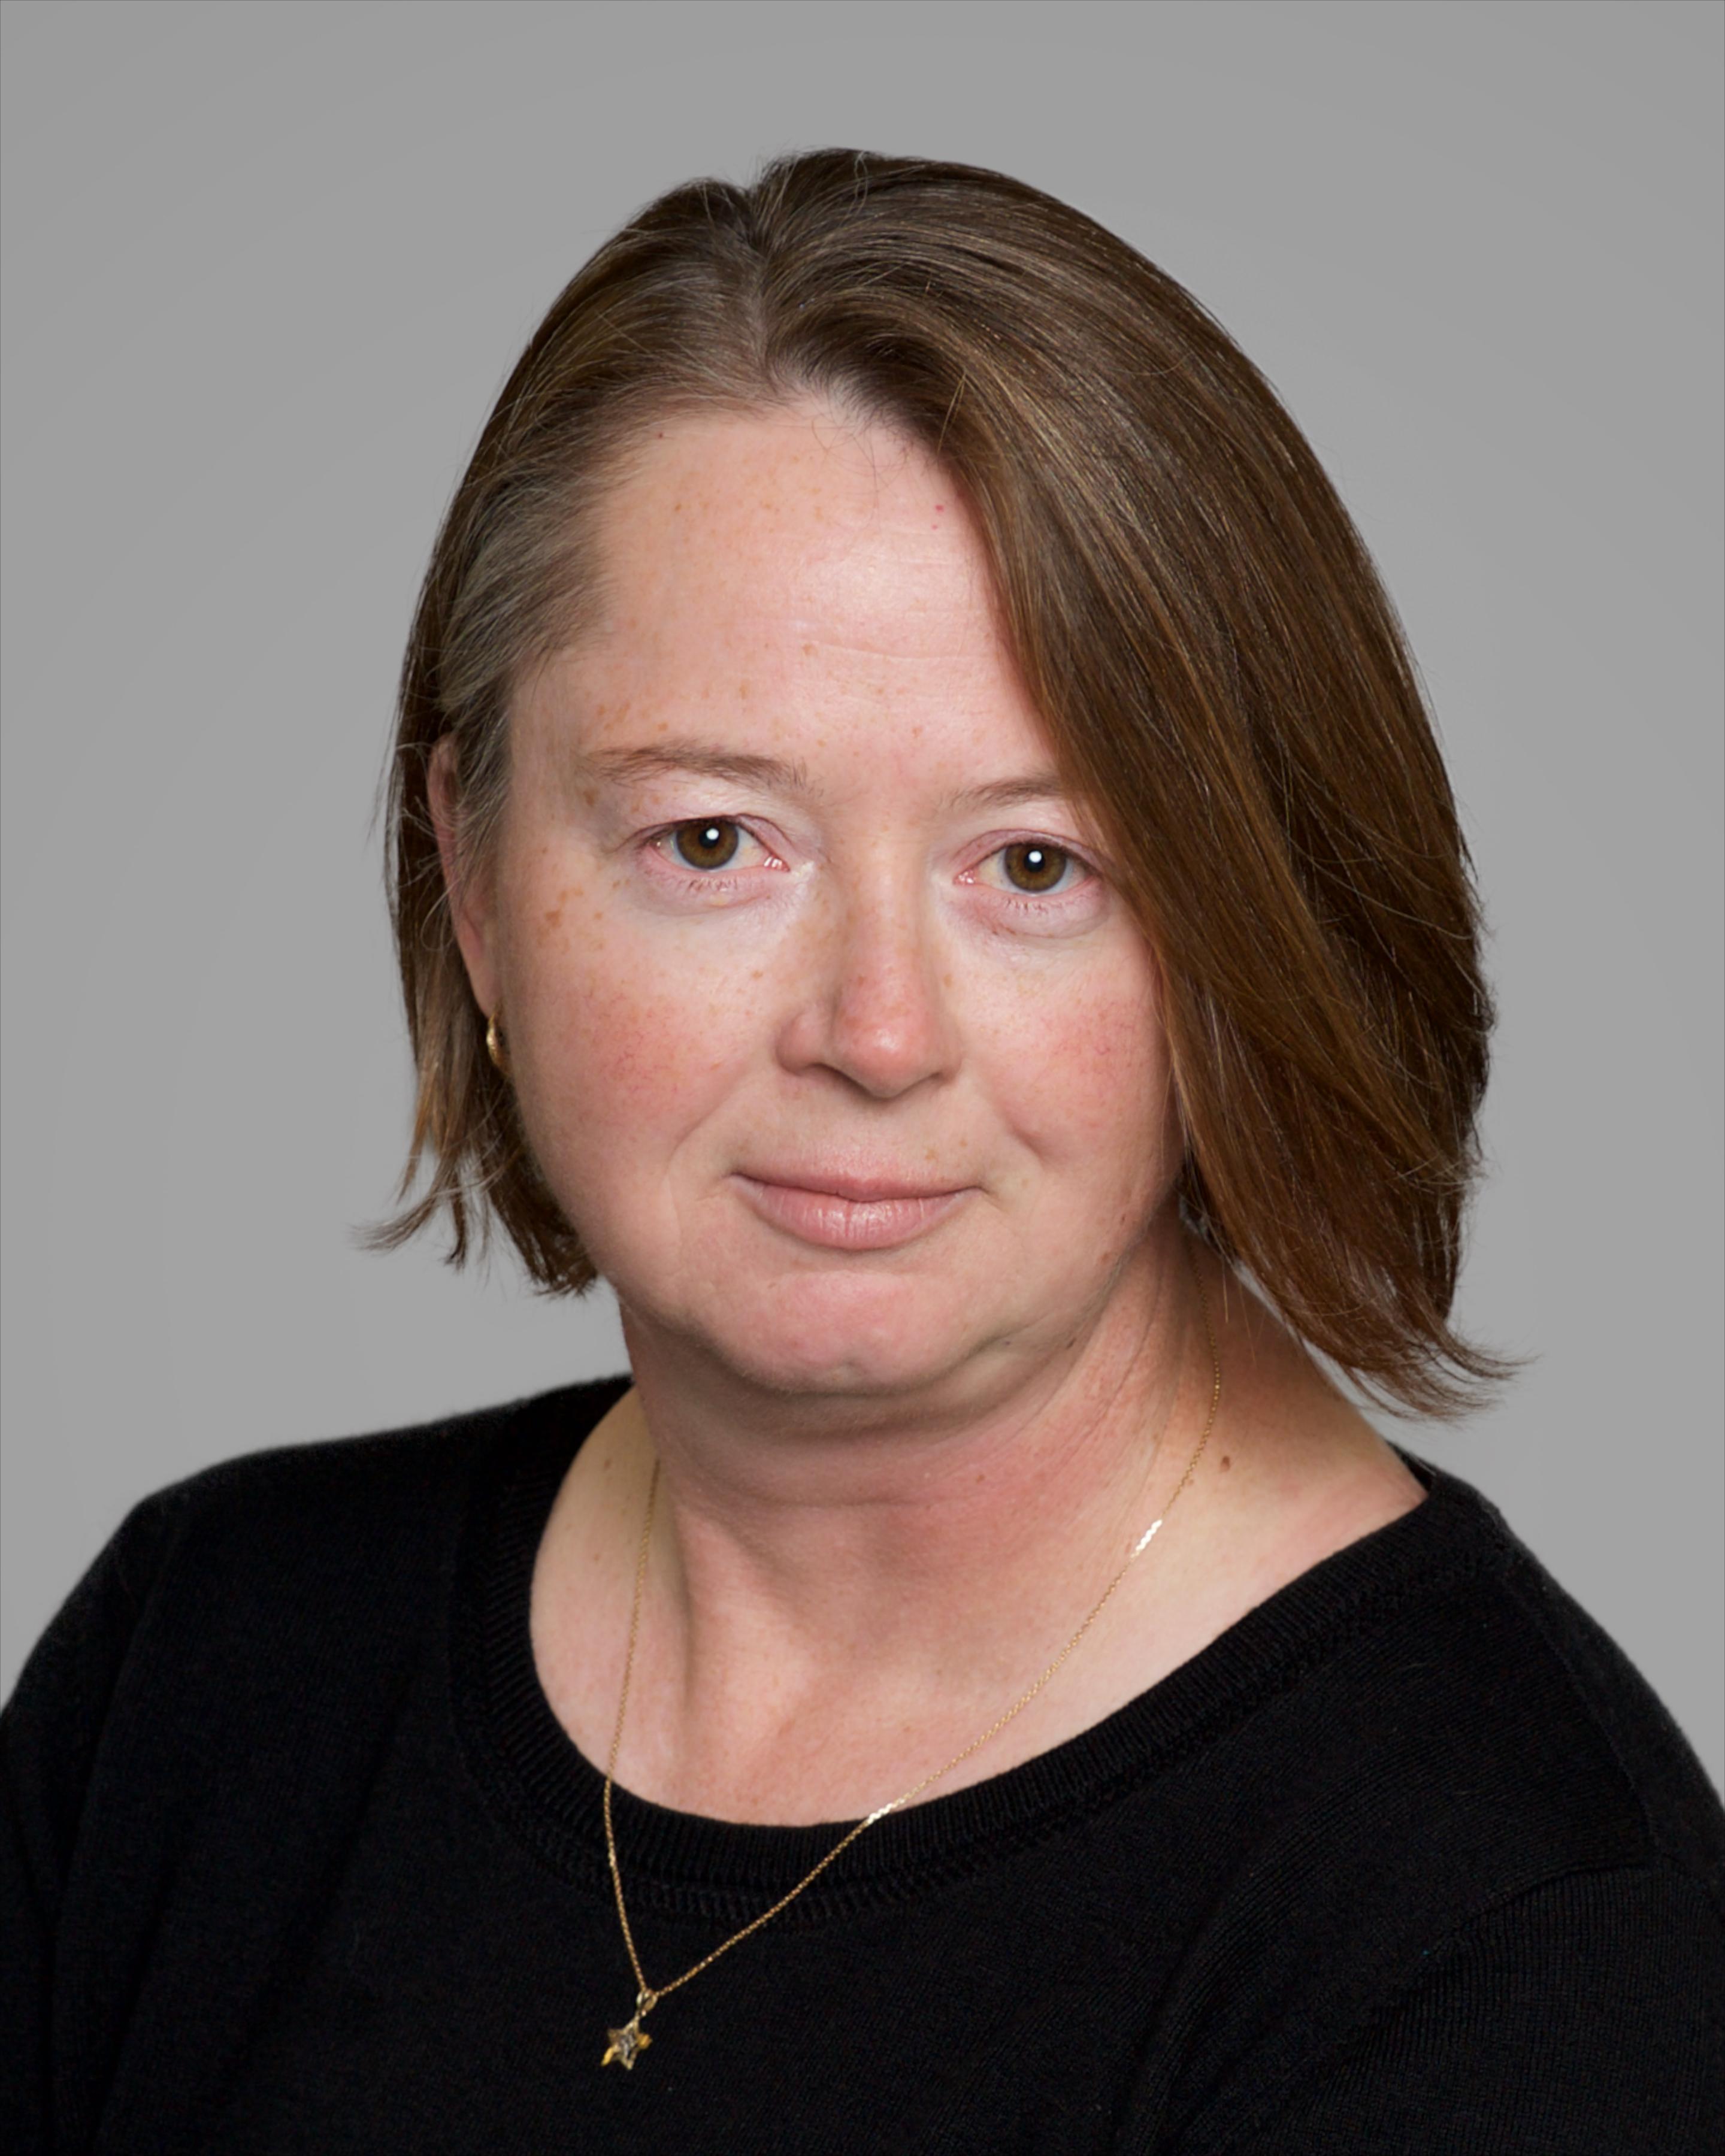 Jo-Anne Ryan